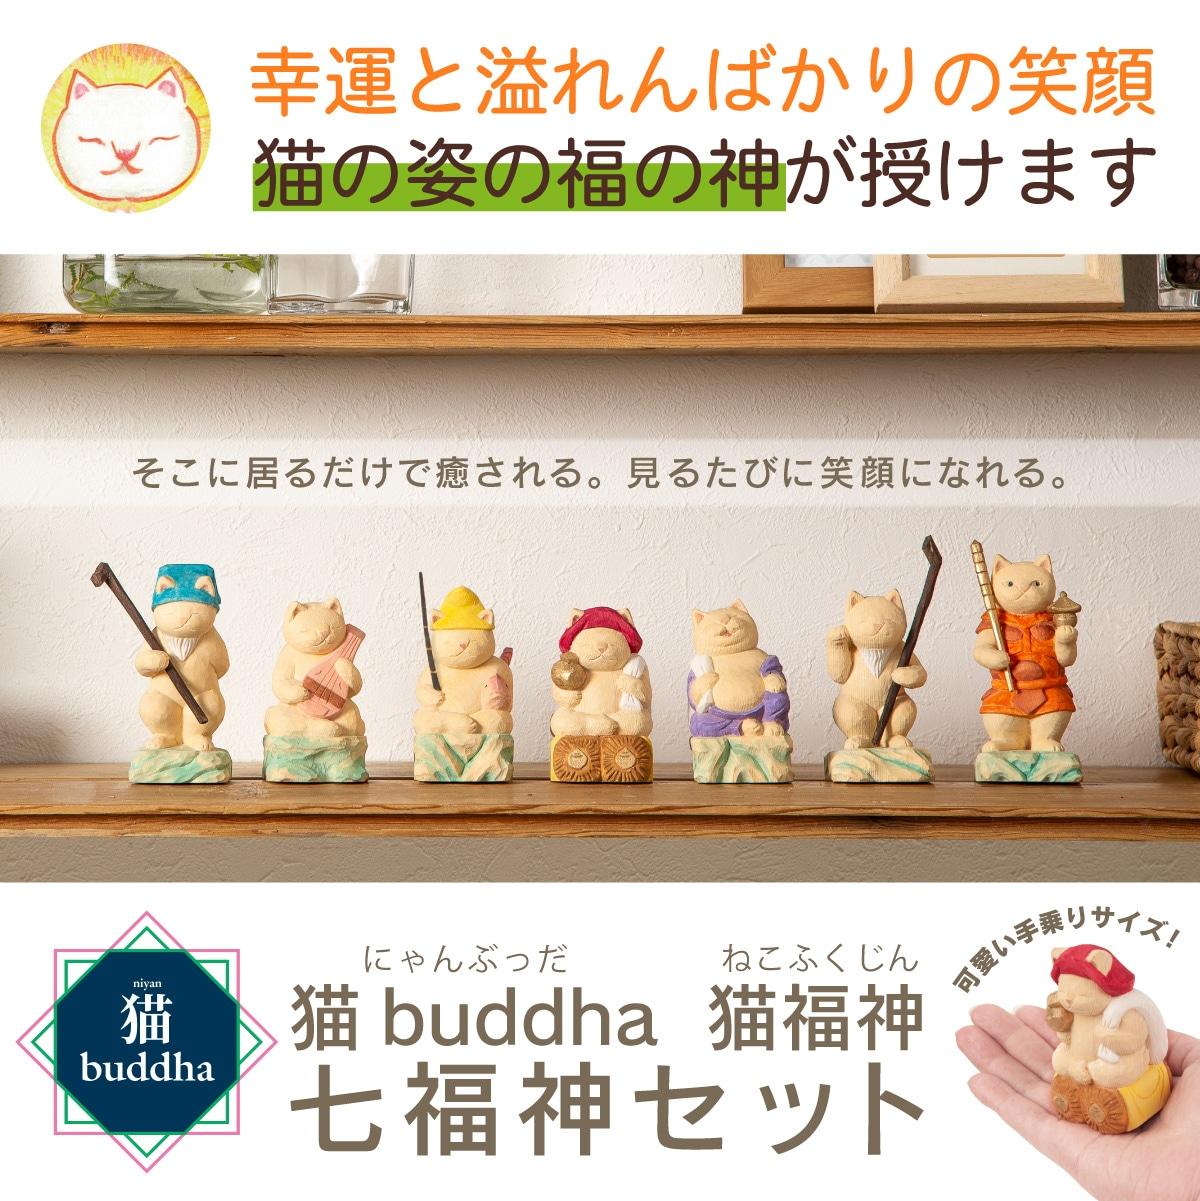 猫buddha 猫福神 七福神セット 開運グッズ